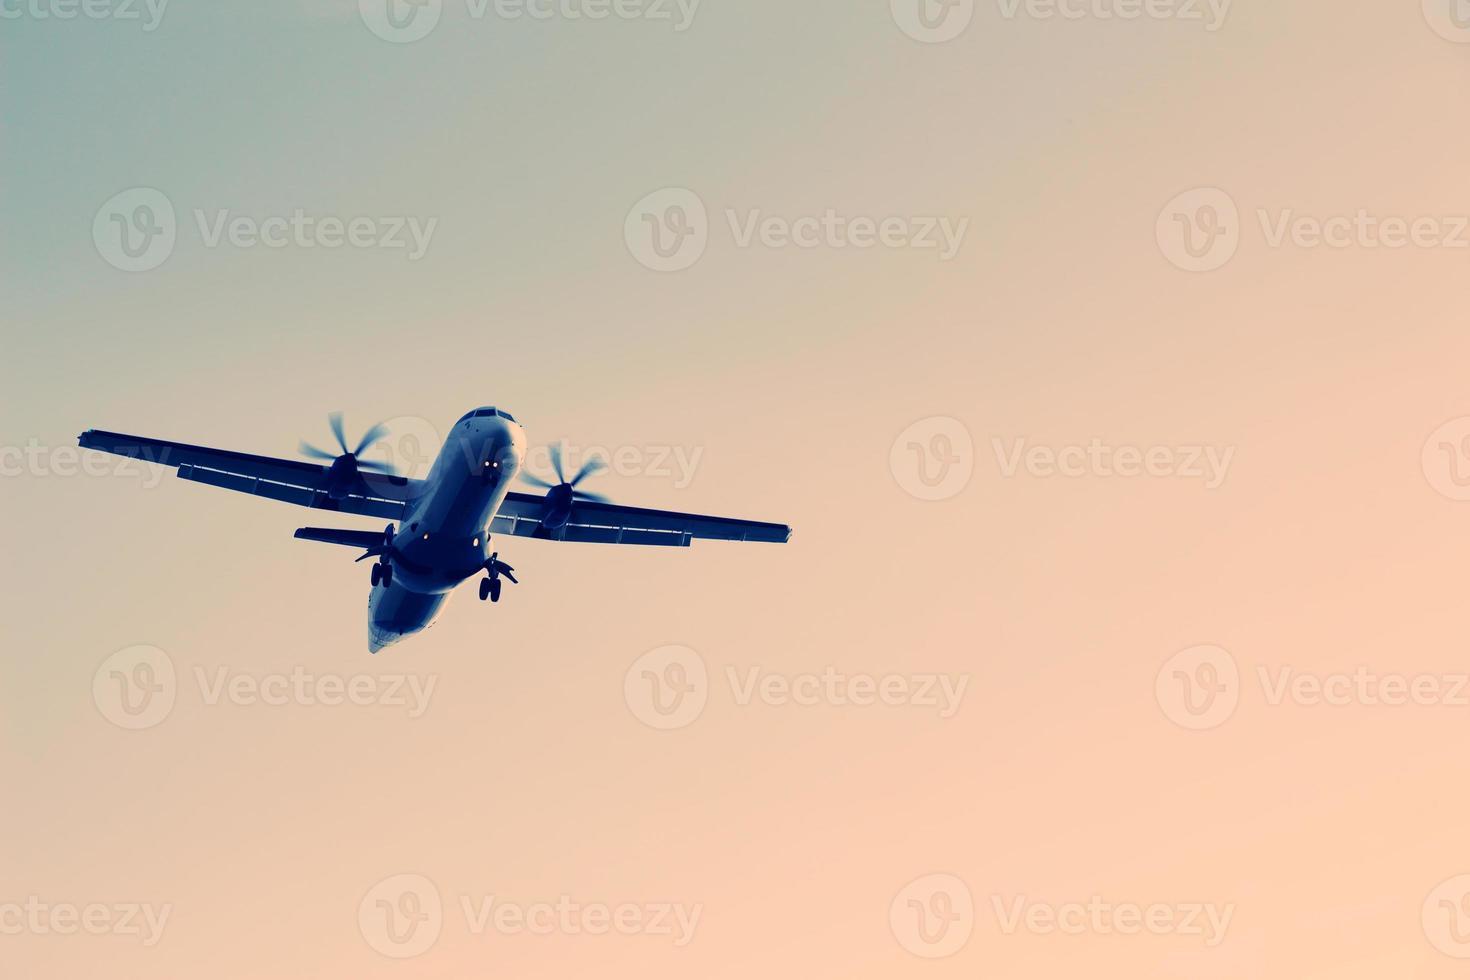 aereo che vola nel cielo foto